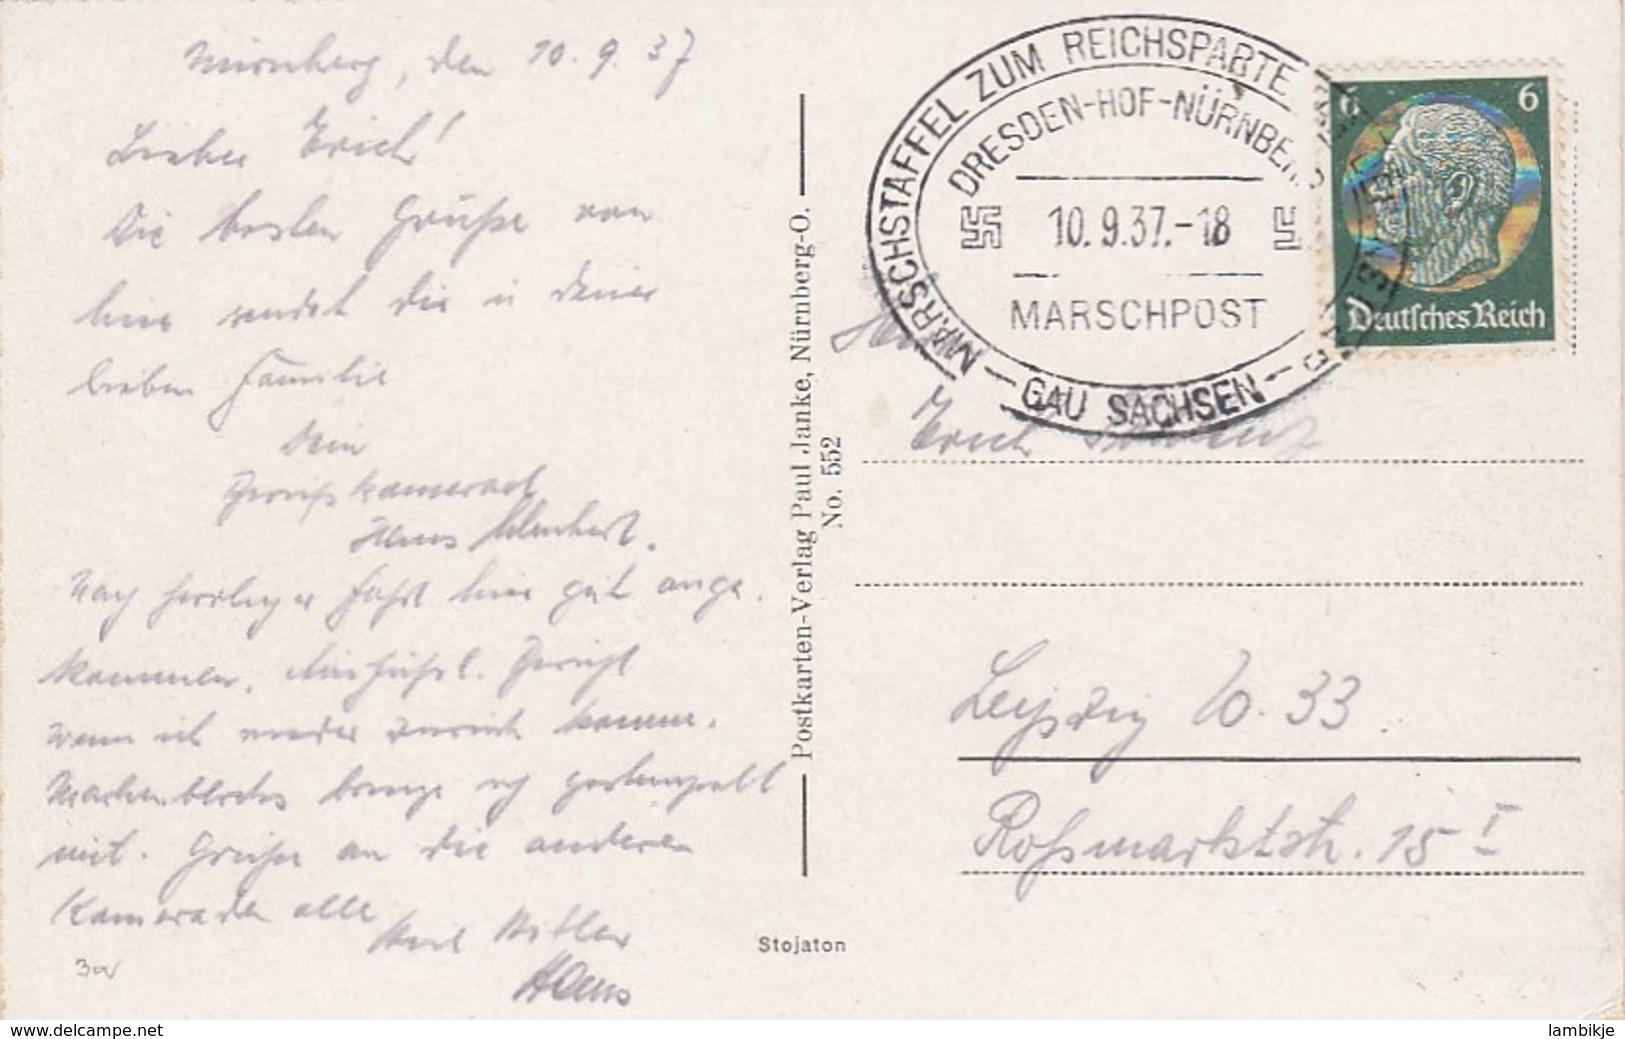 Deutsches Reich Propaganda Postkarte 1937 - Deutschland